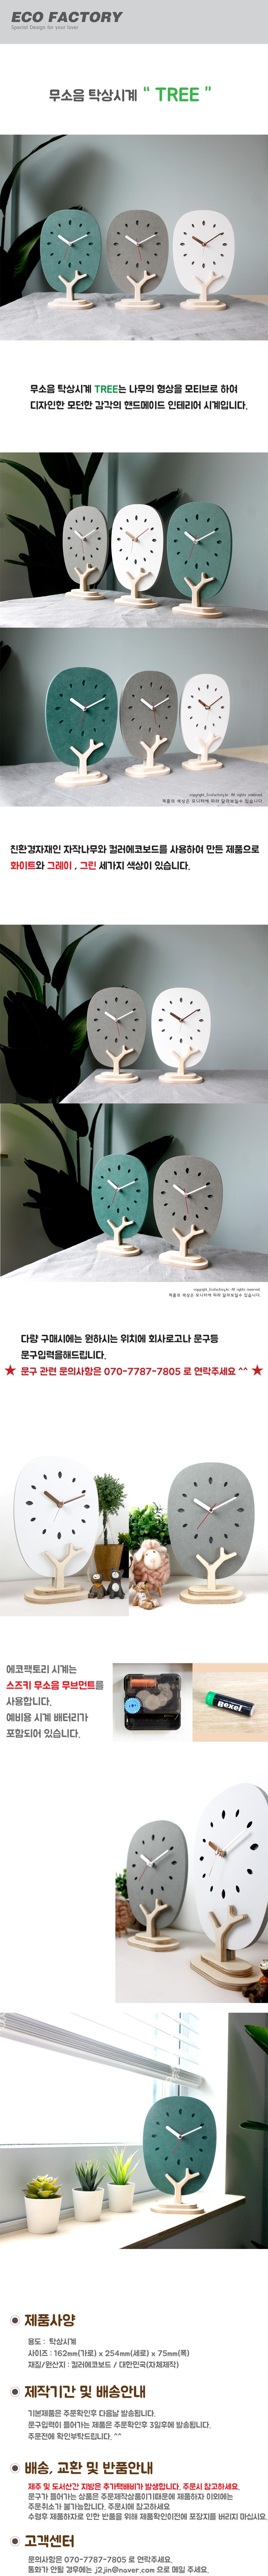 무소음 탁상시계 TREE - 에코 팩토리, 21,600원, 알람/탁상시계, 디자인시계